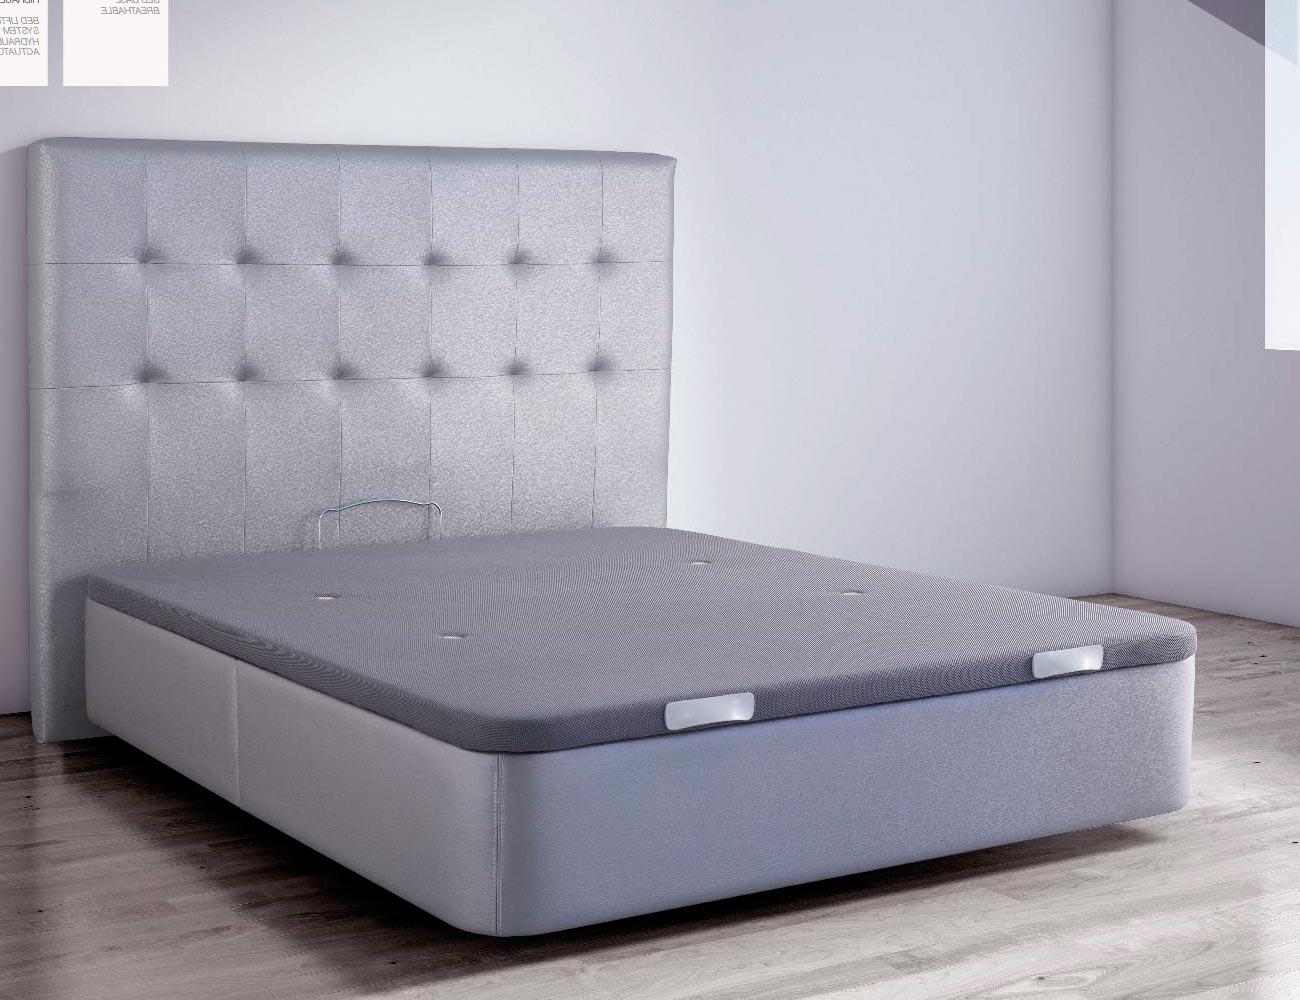 Canape polipiel tapa 3d gris plata tpl13